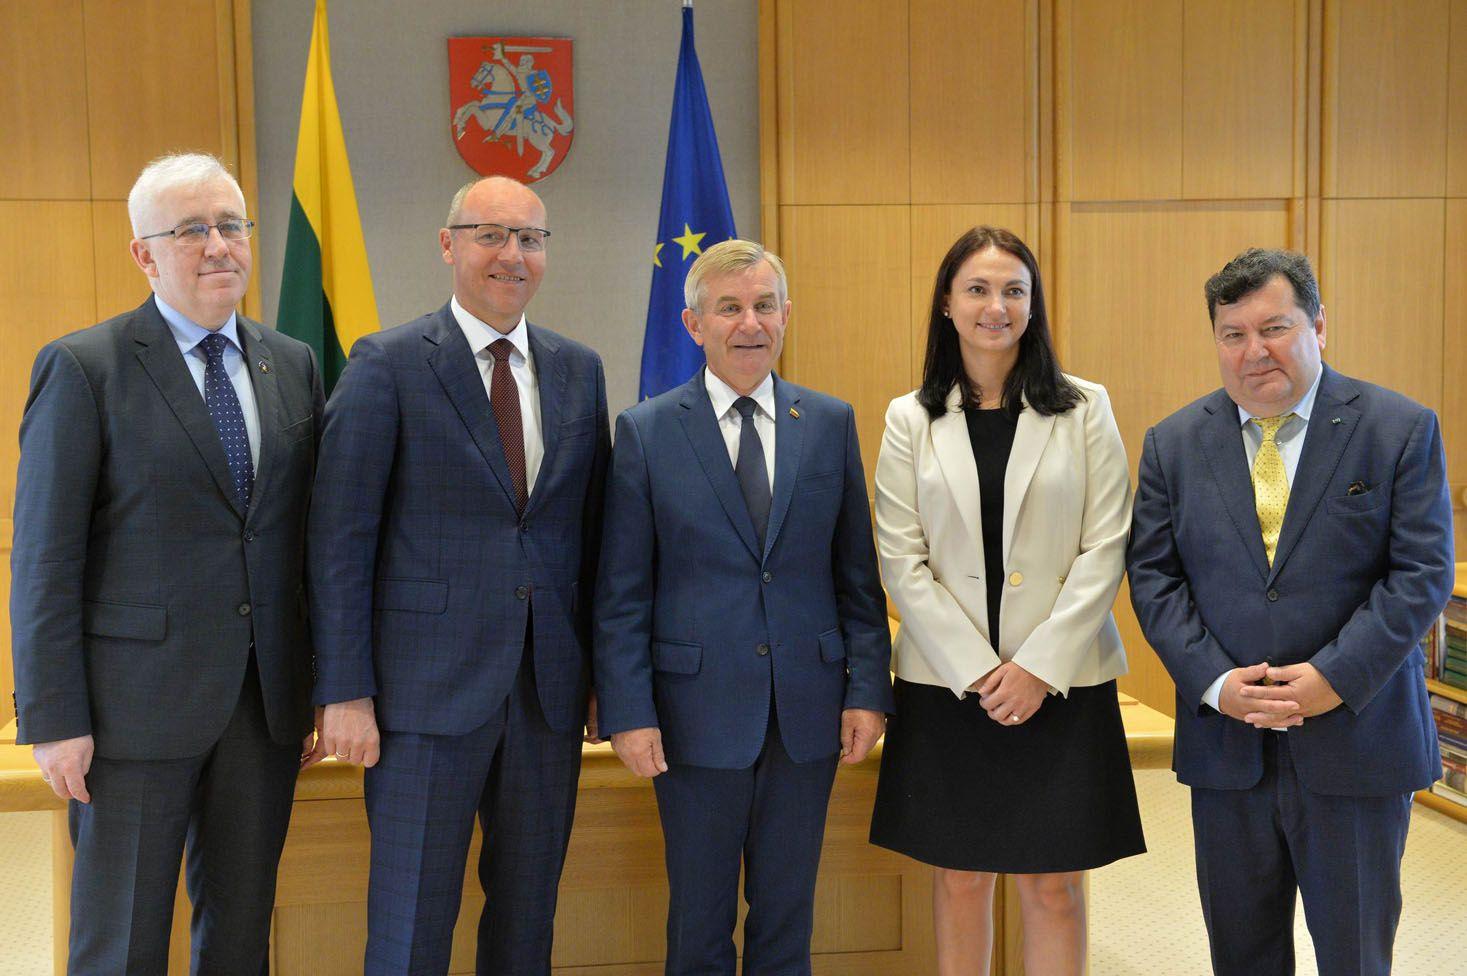 Обговорили питання трансатлантичного енергетичного співробітництва